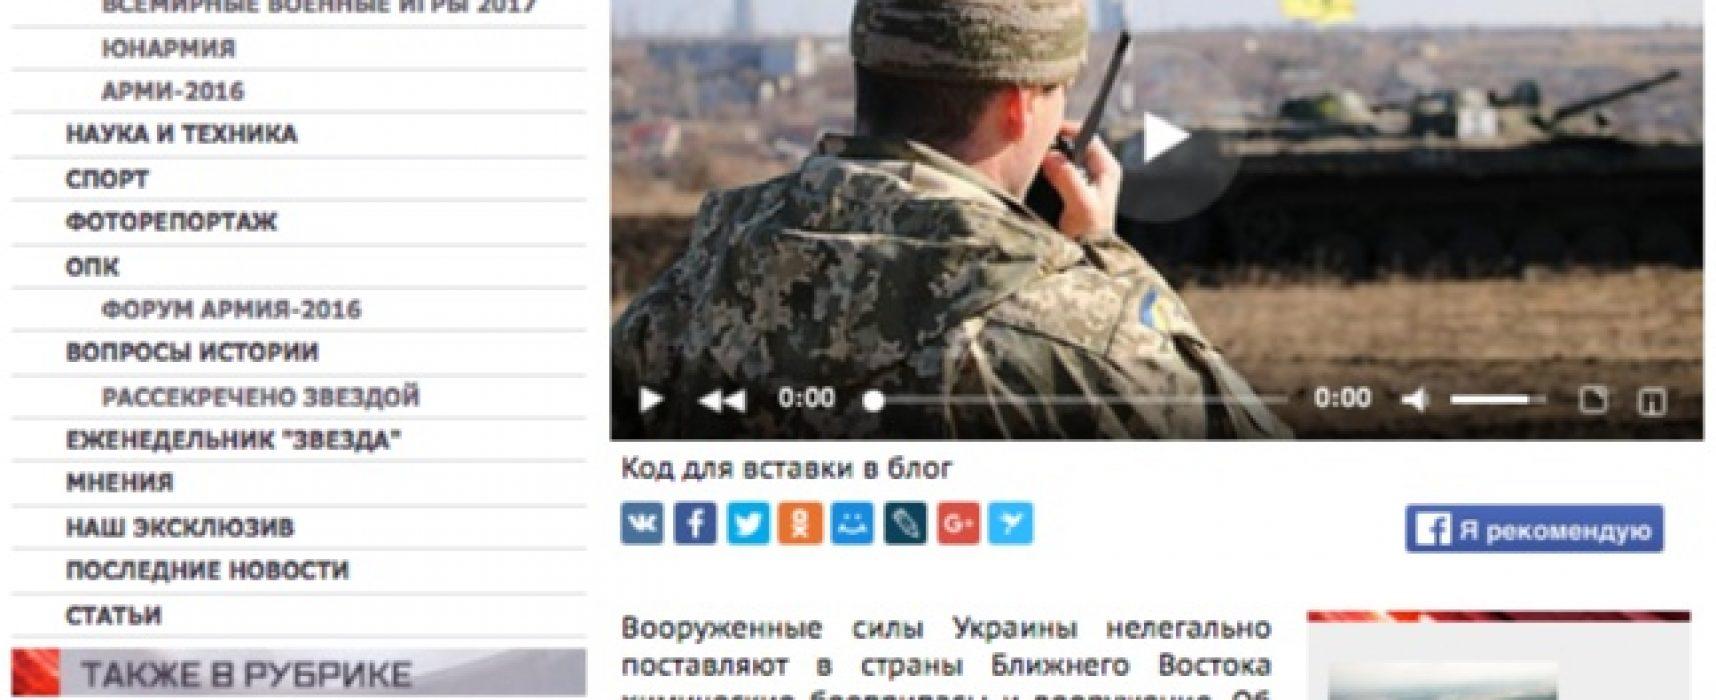 """Фейк: Украйна изпраща химически боеприпаси за Близкия Изток и в това й помага """"ислямски батальон"""""""